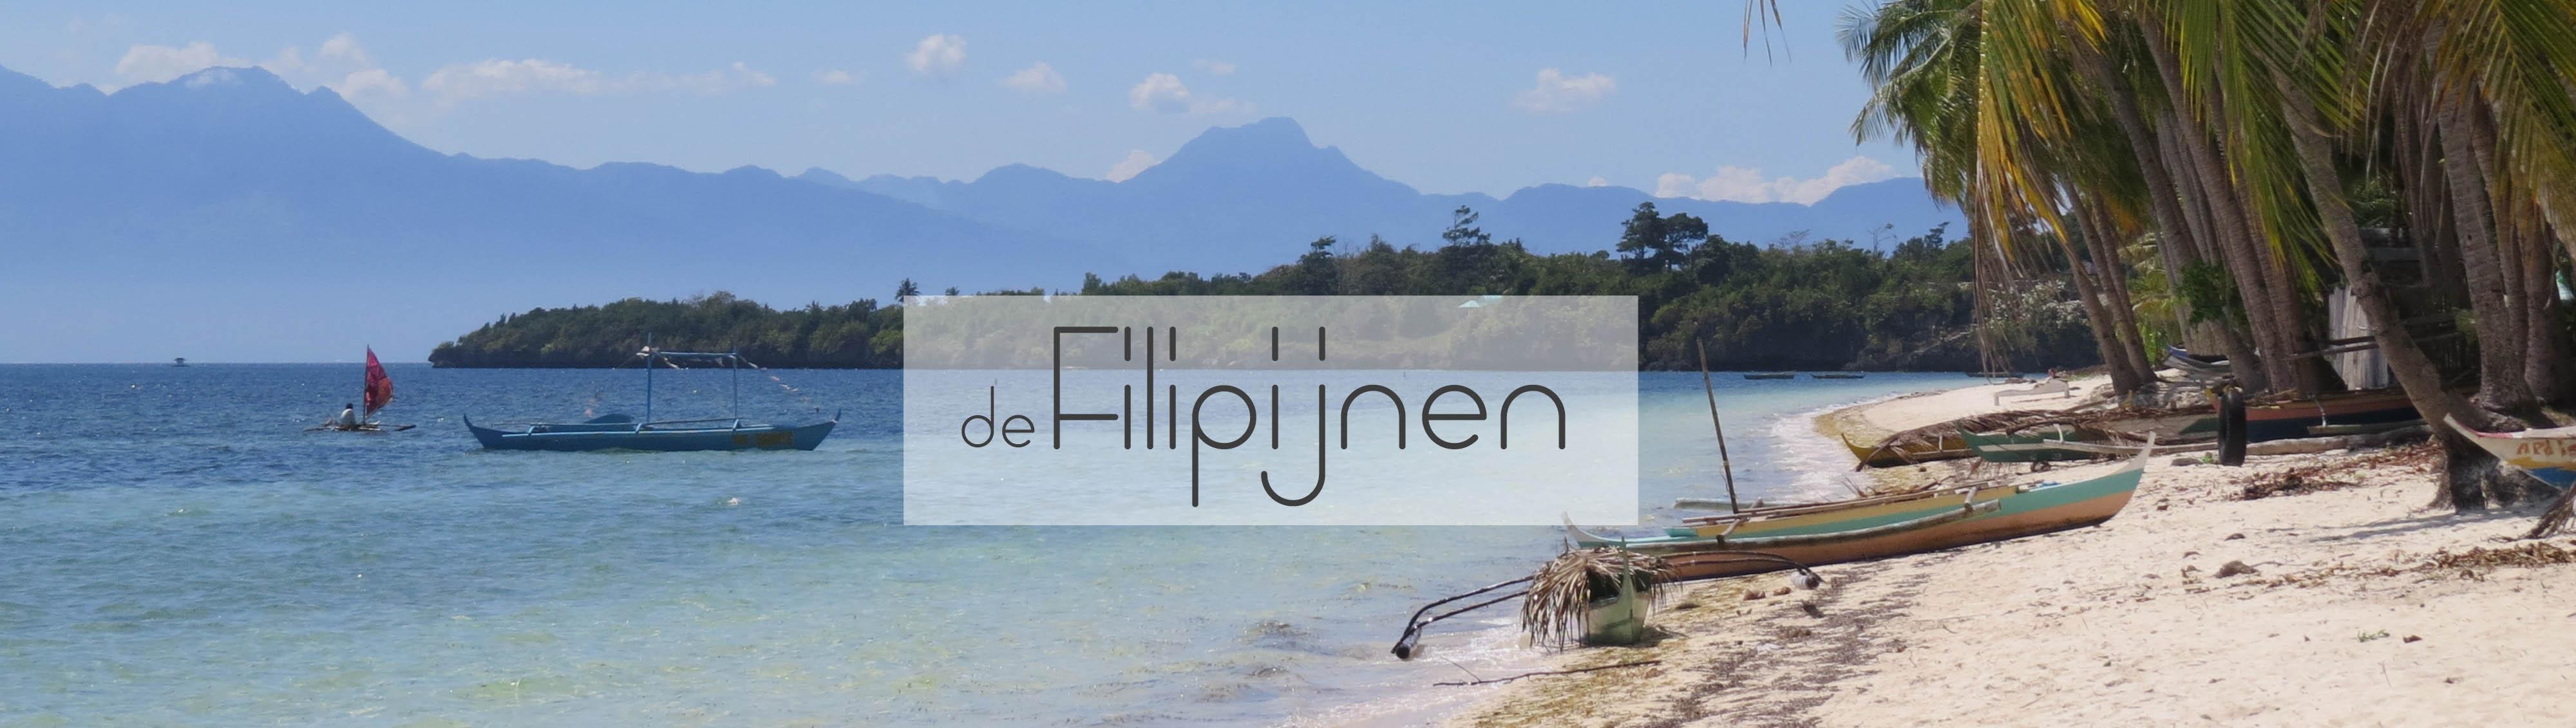 De Filipijnen reisinfo